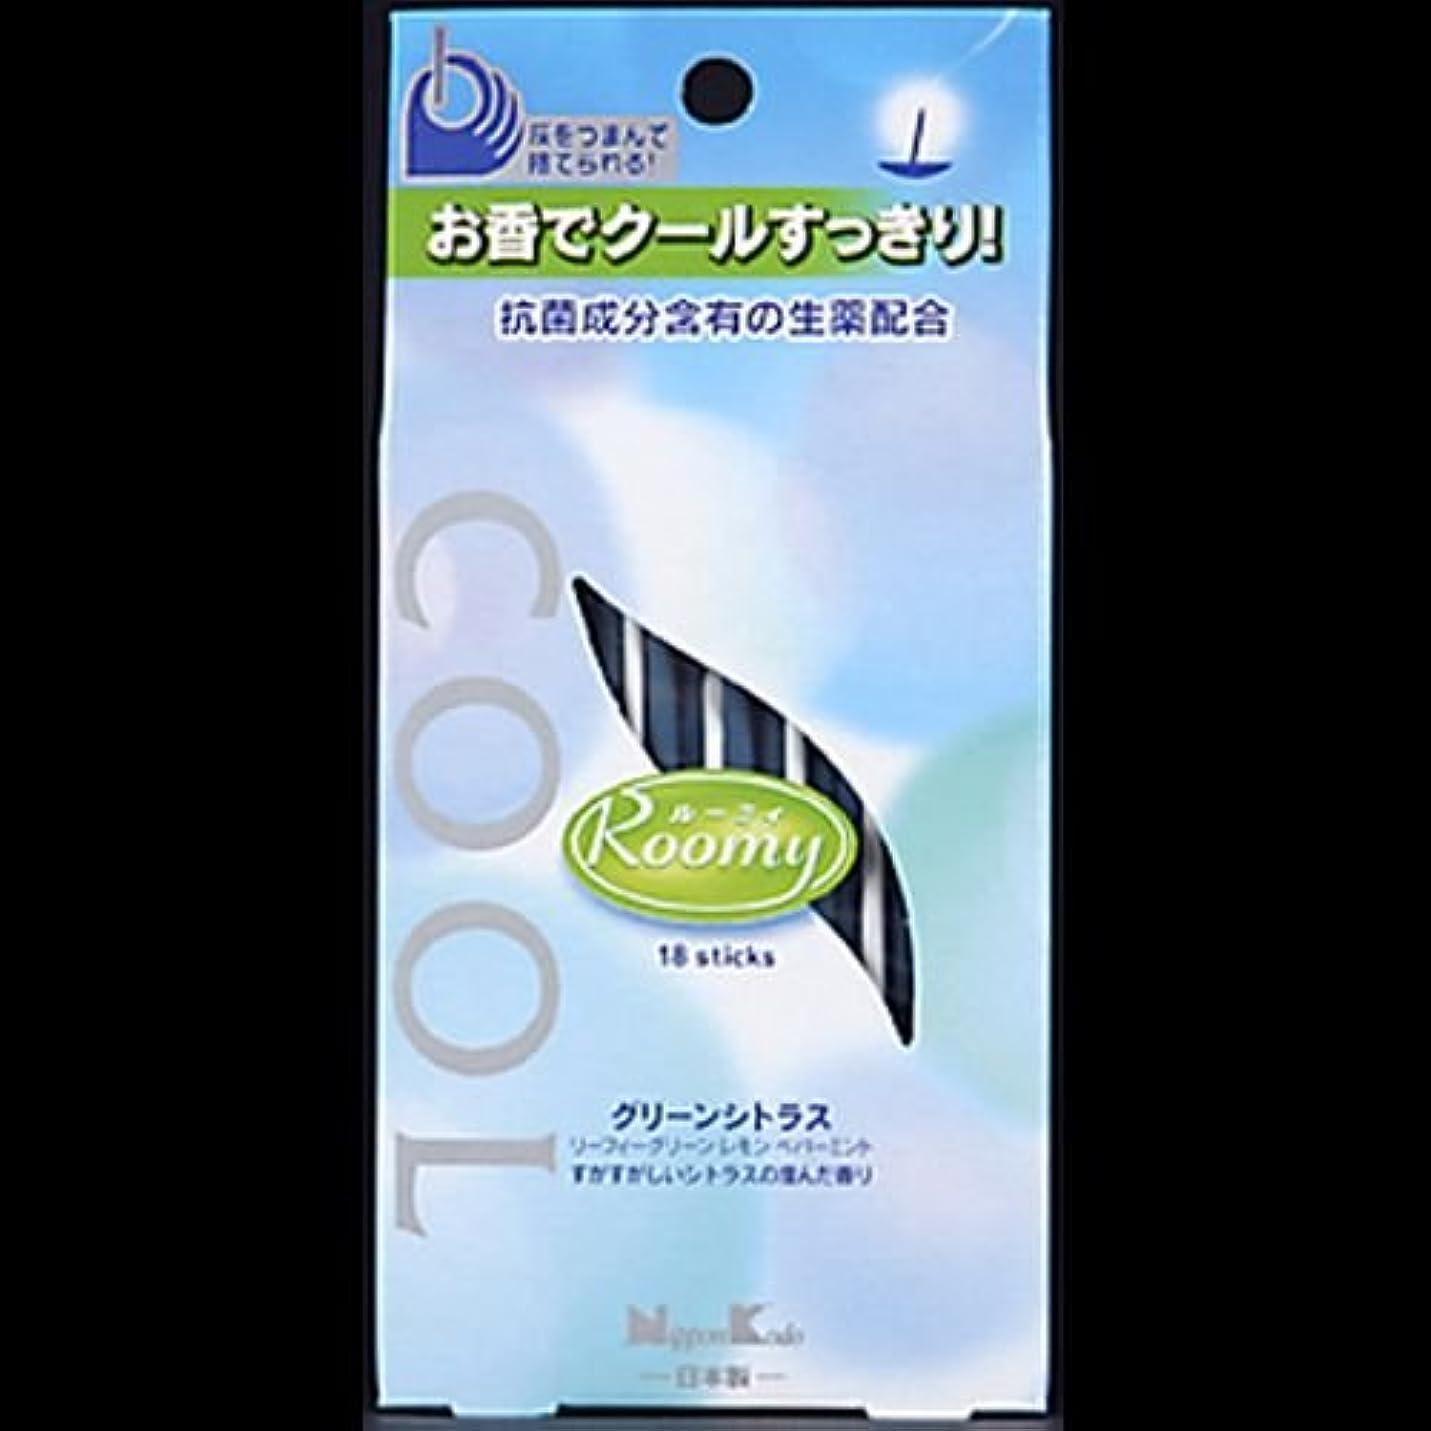 甘美な絞るブラウザ【まとめ買い】ルーミィ クール スティック 18本 ×2セット